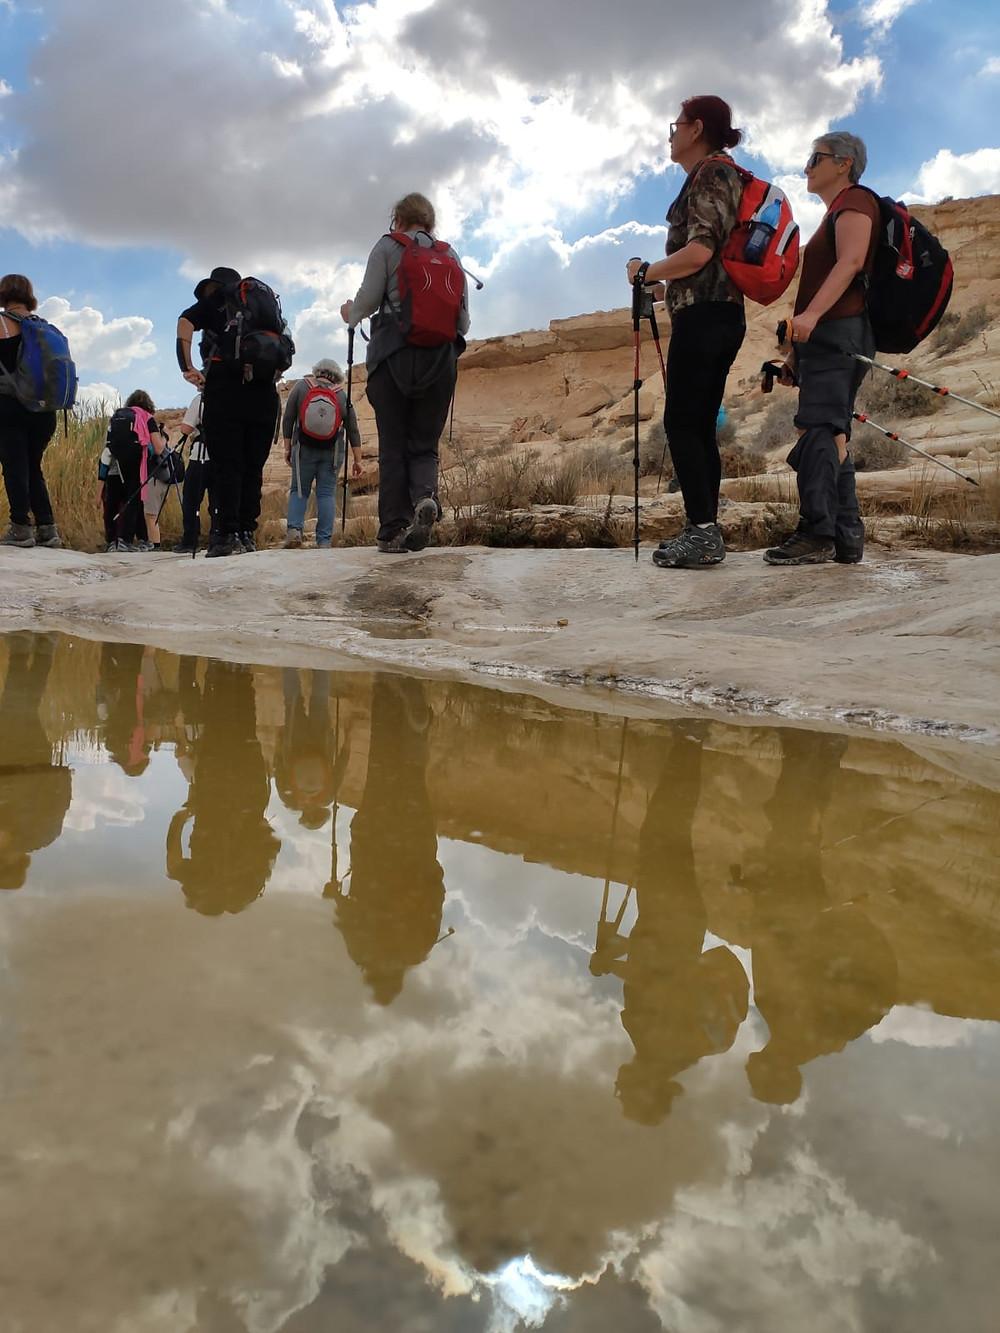 טיולי נשים - מאירות שביל ישראל מסלול 43 עין עקב